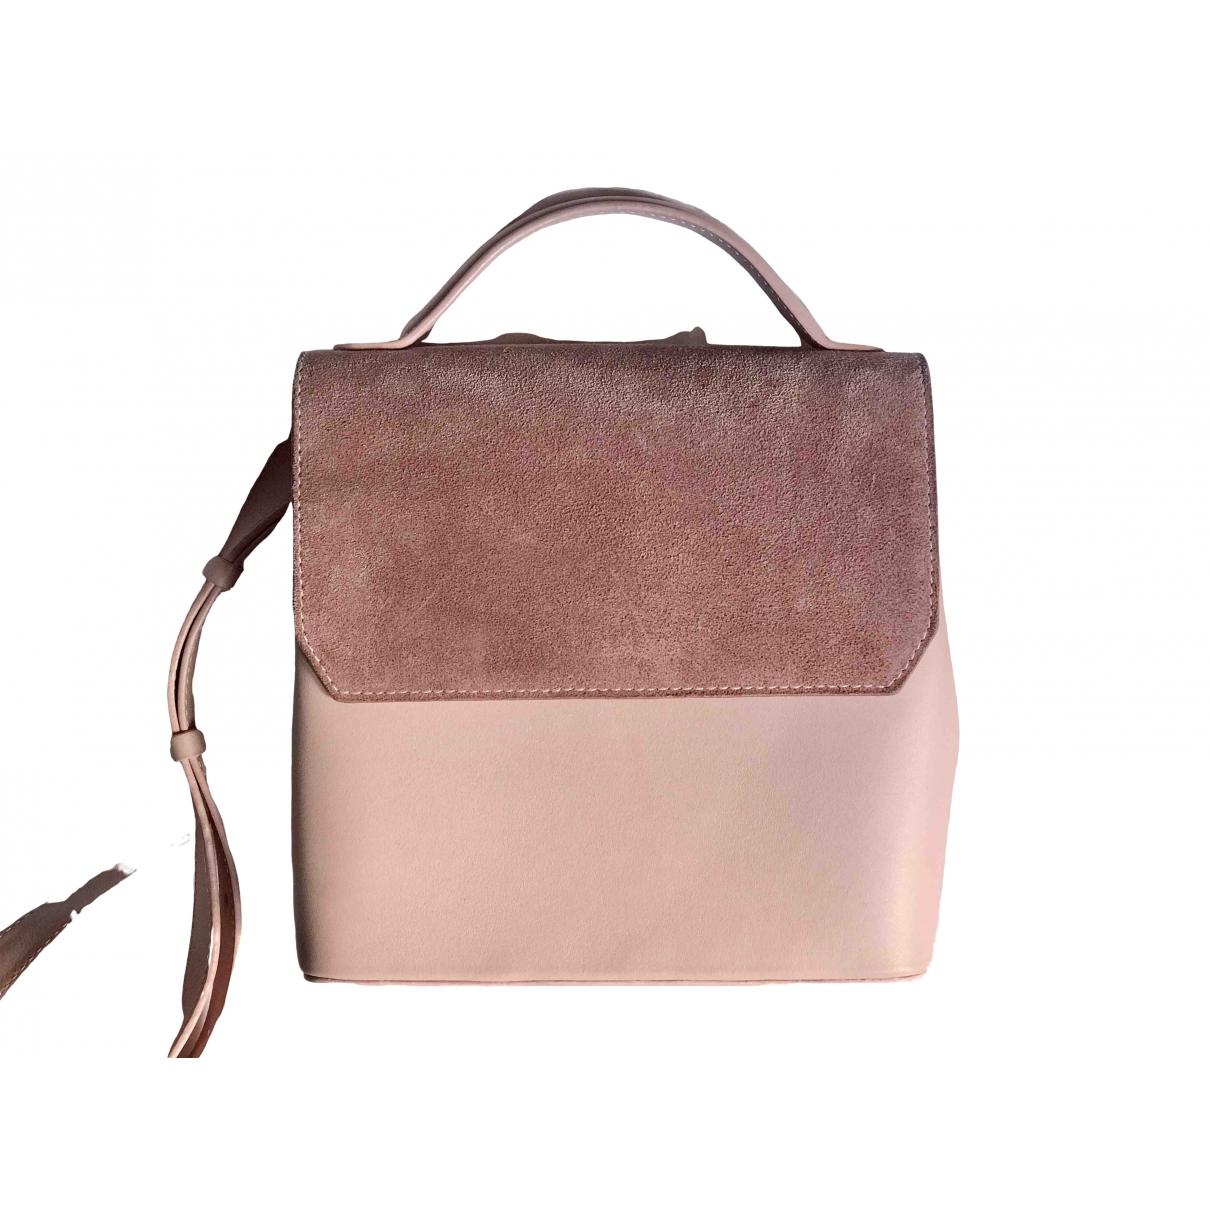 Mlouye - Sac a main   pour femme en cuir - rose